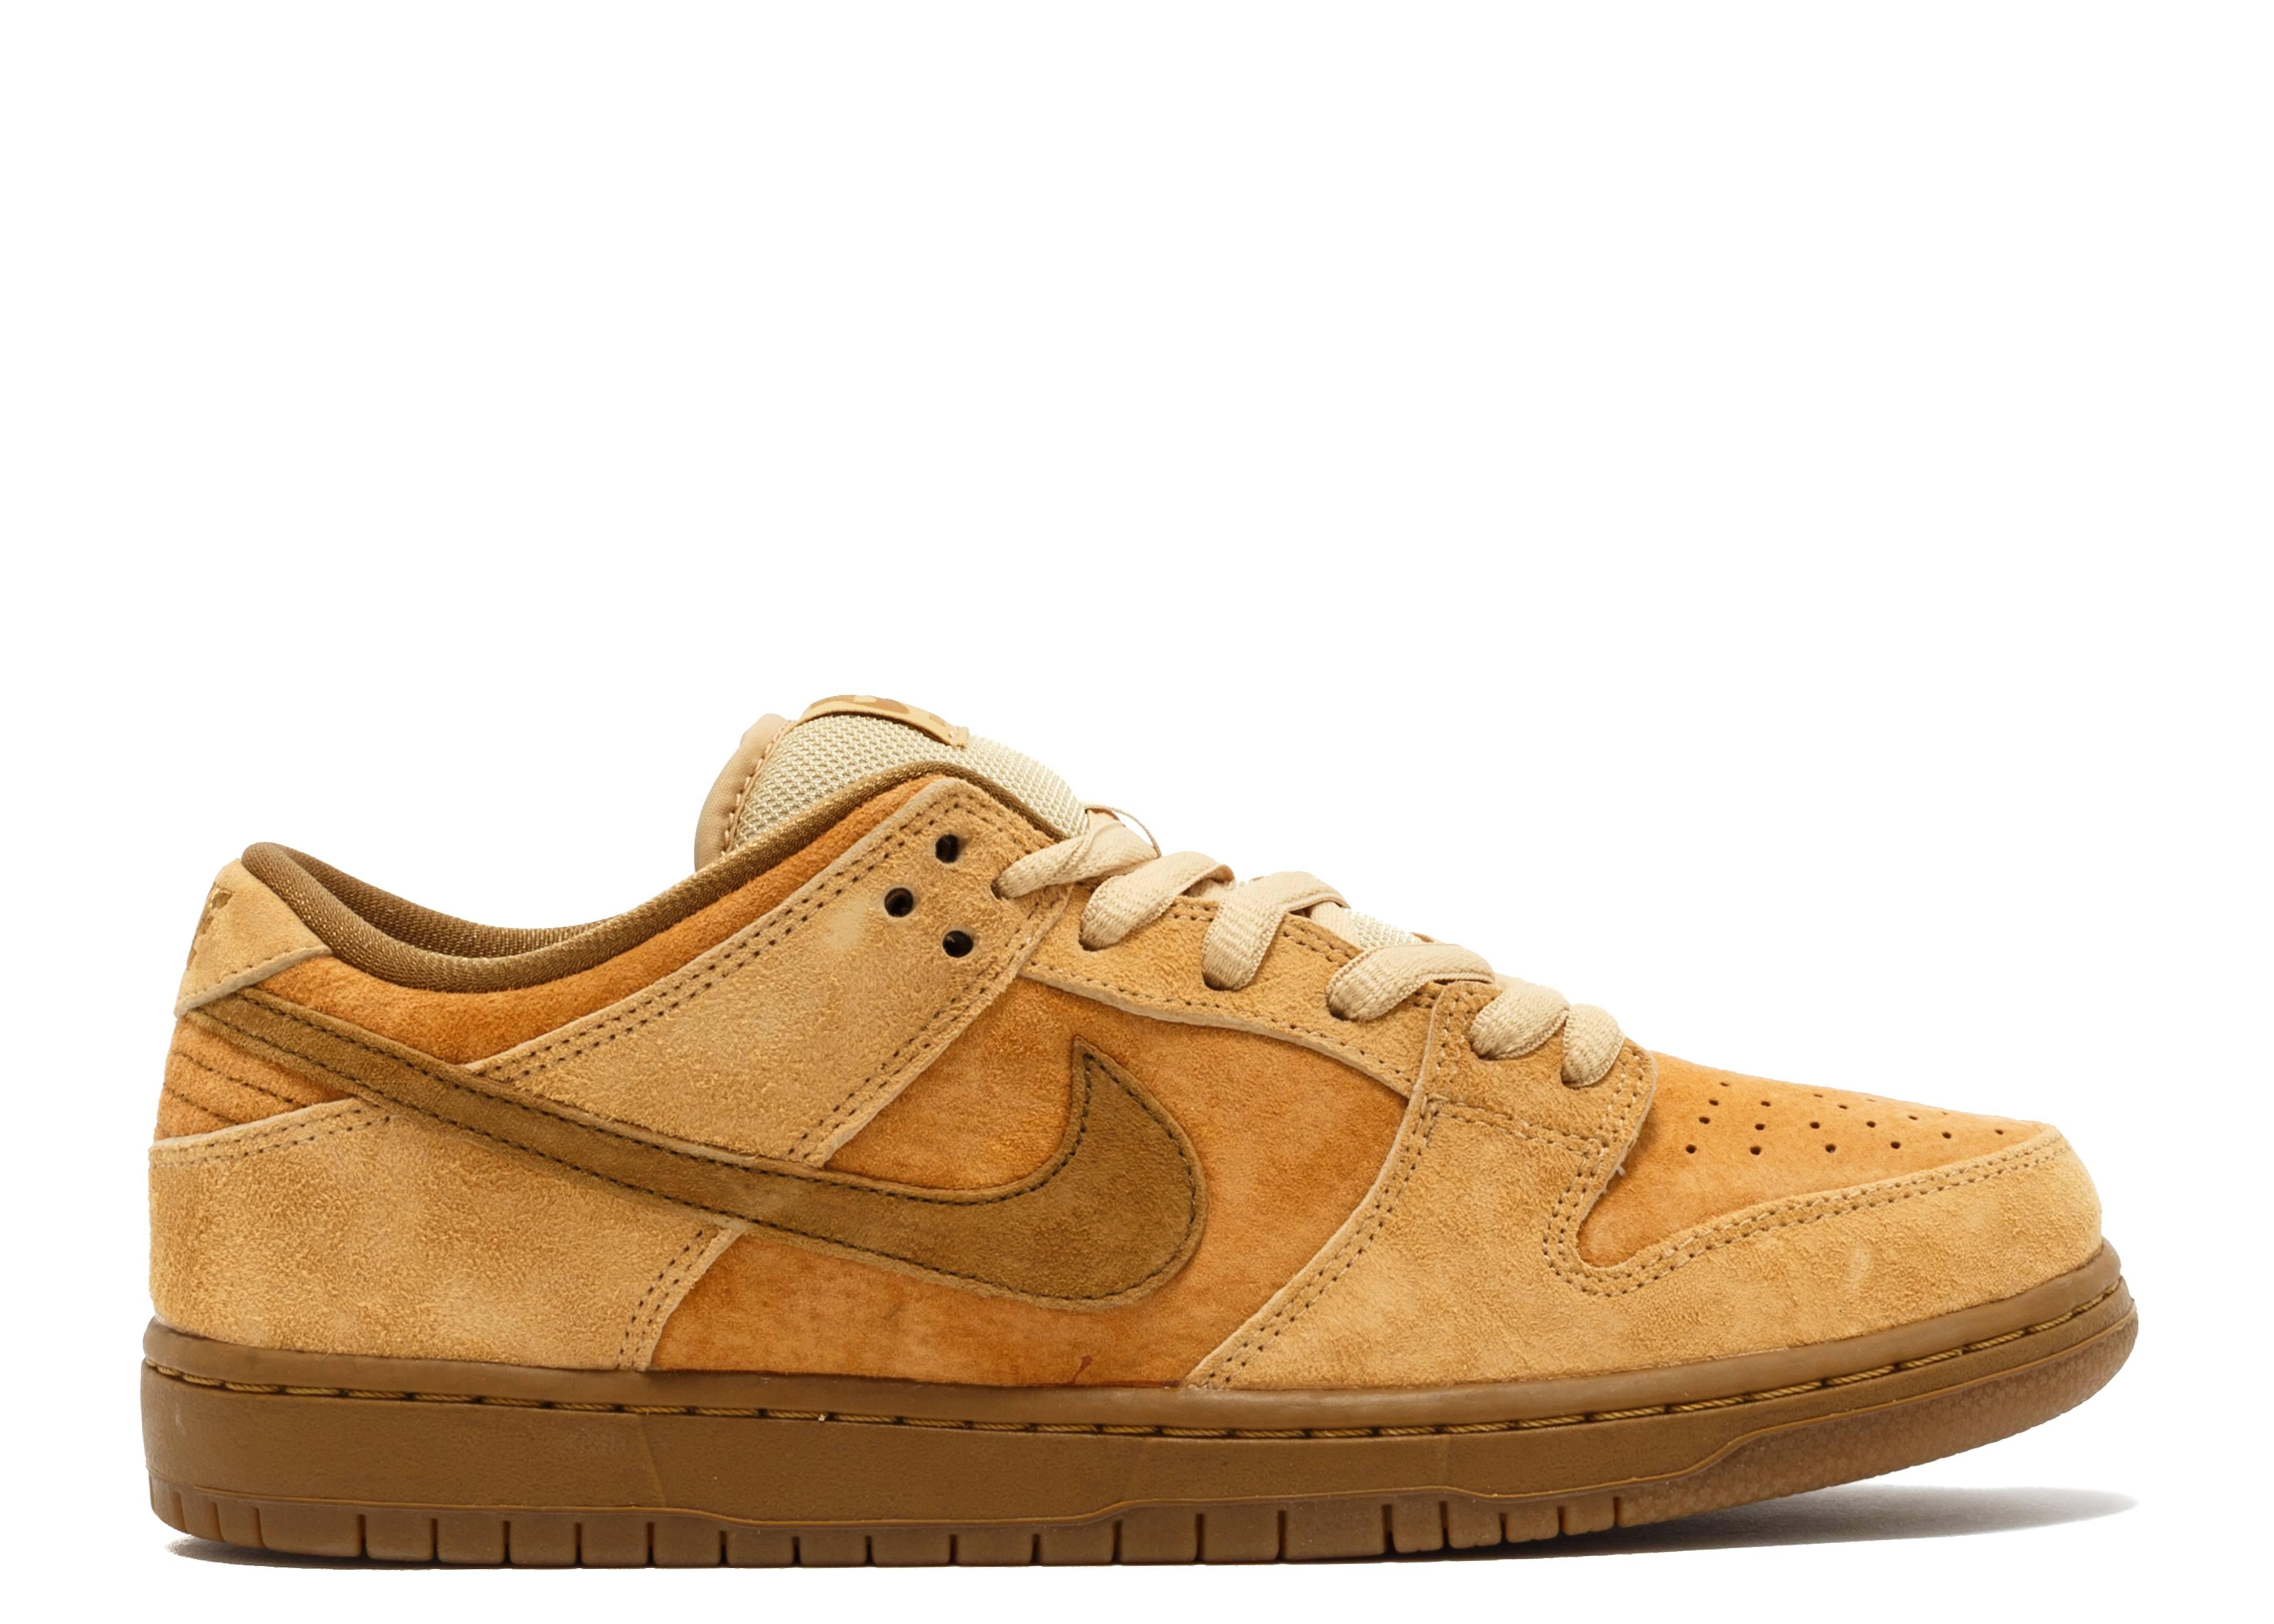 6734c47ac868cc Nike Sb Dunk Low Trd Qs